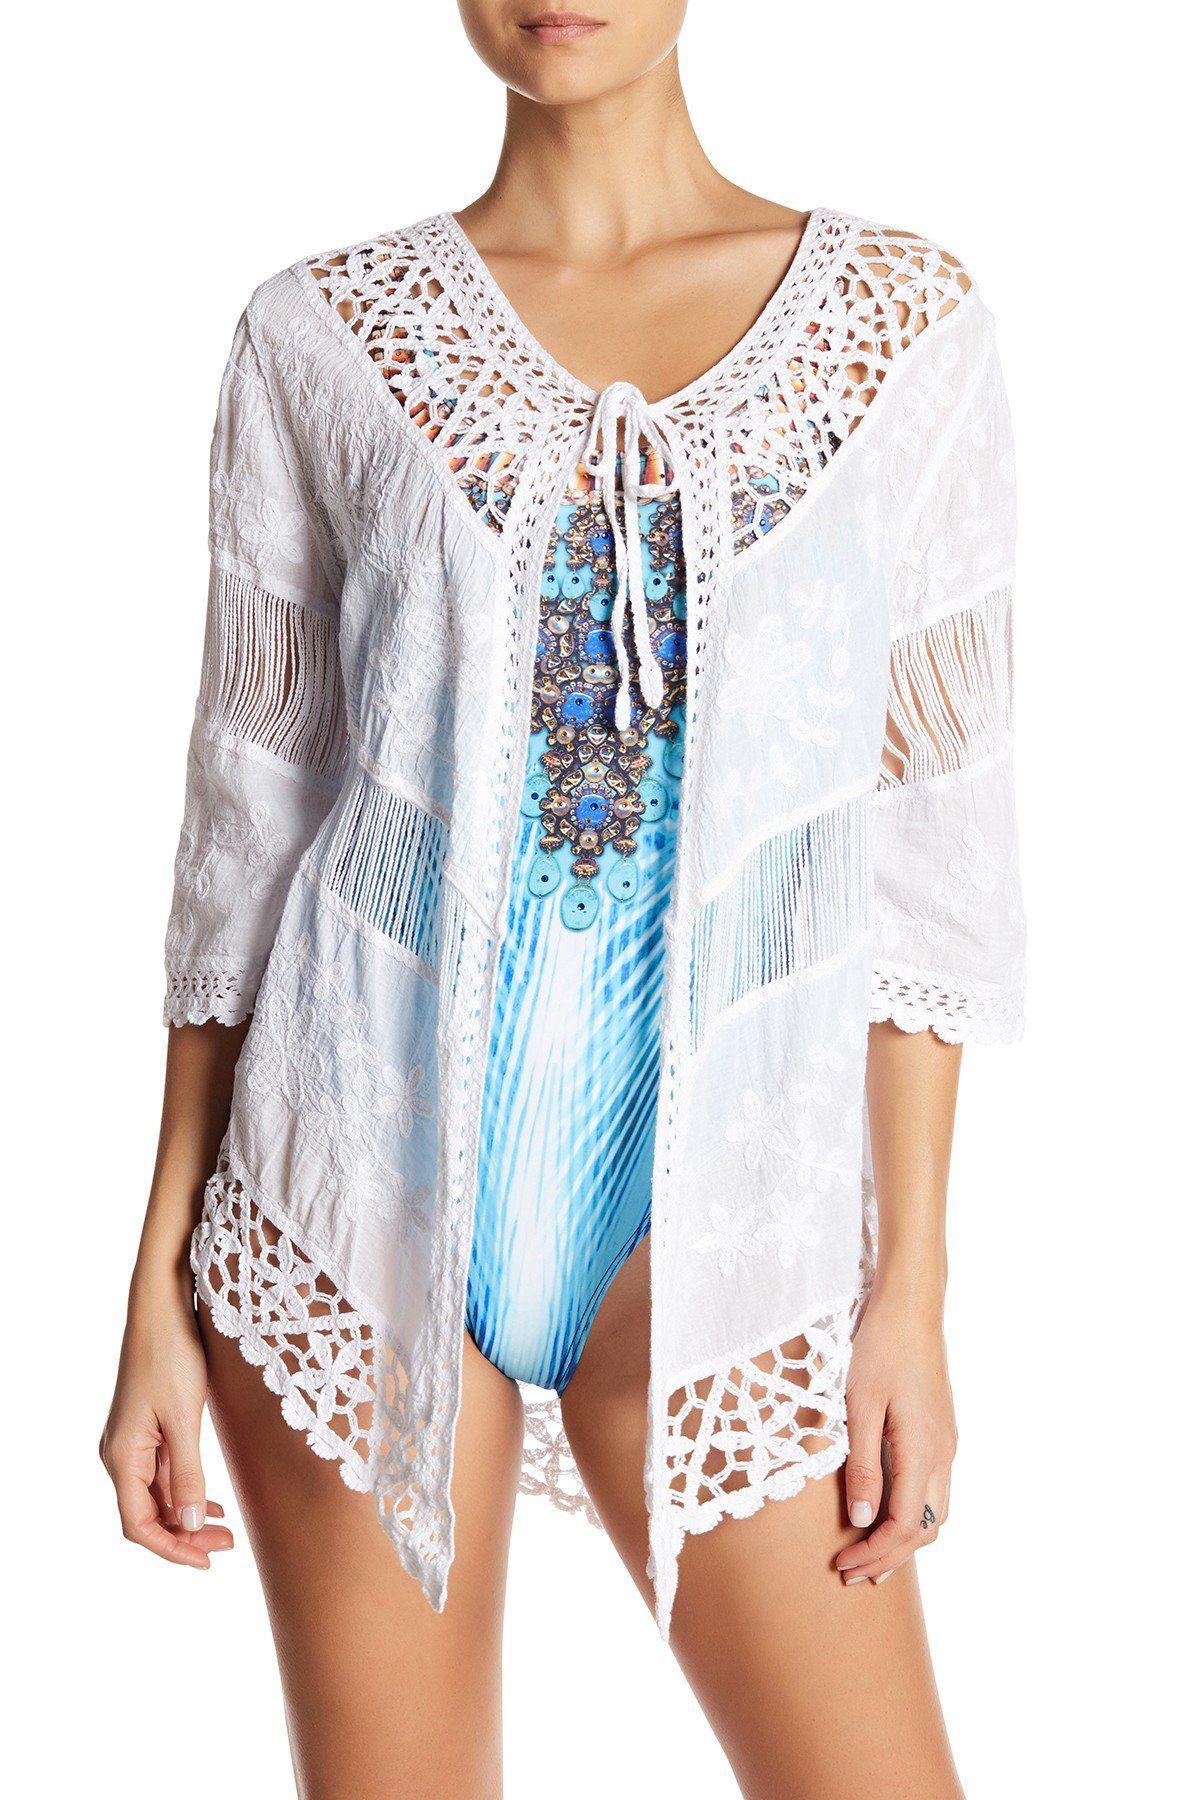 6227b8474f La Moda Womens Open-Front Embroidered Beach Kimono Cover Up Cardigan |  Goga's Cover Ups